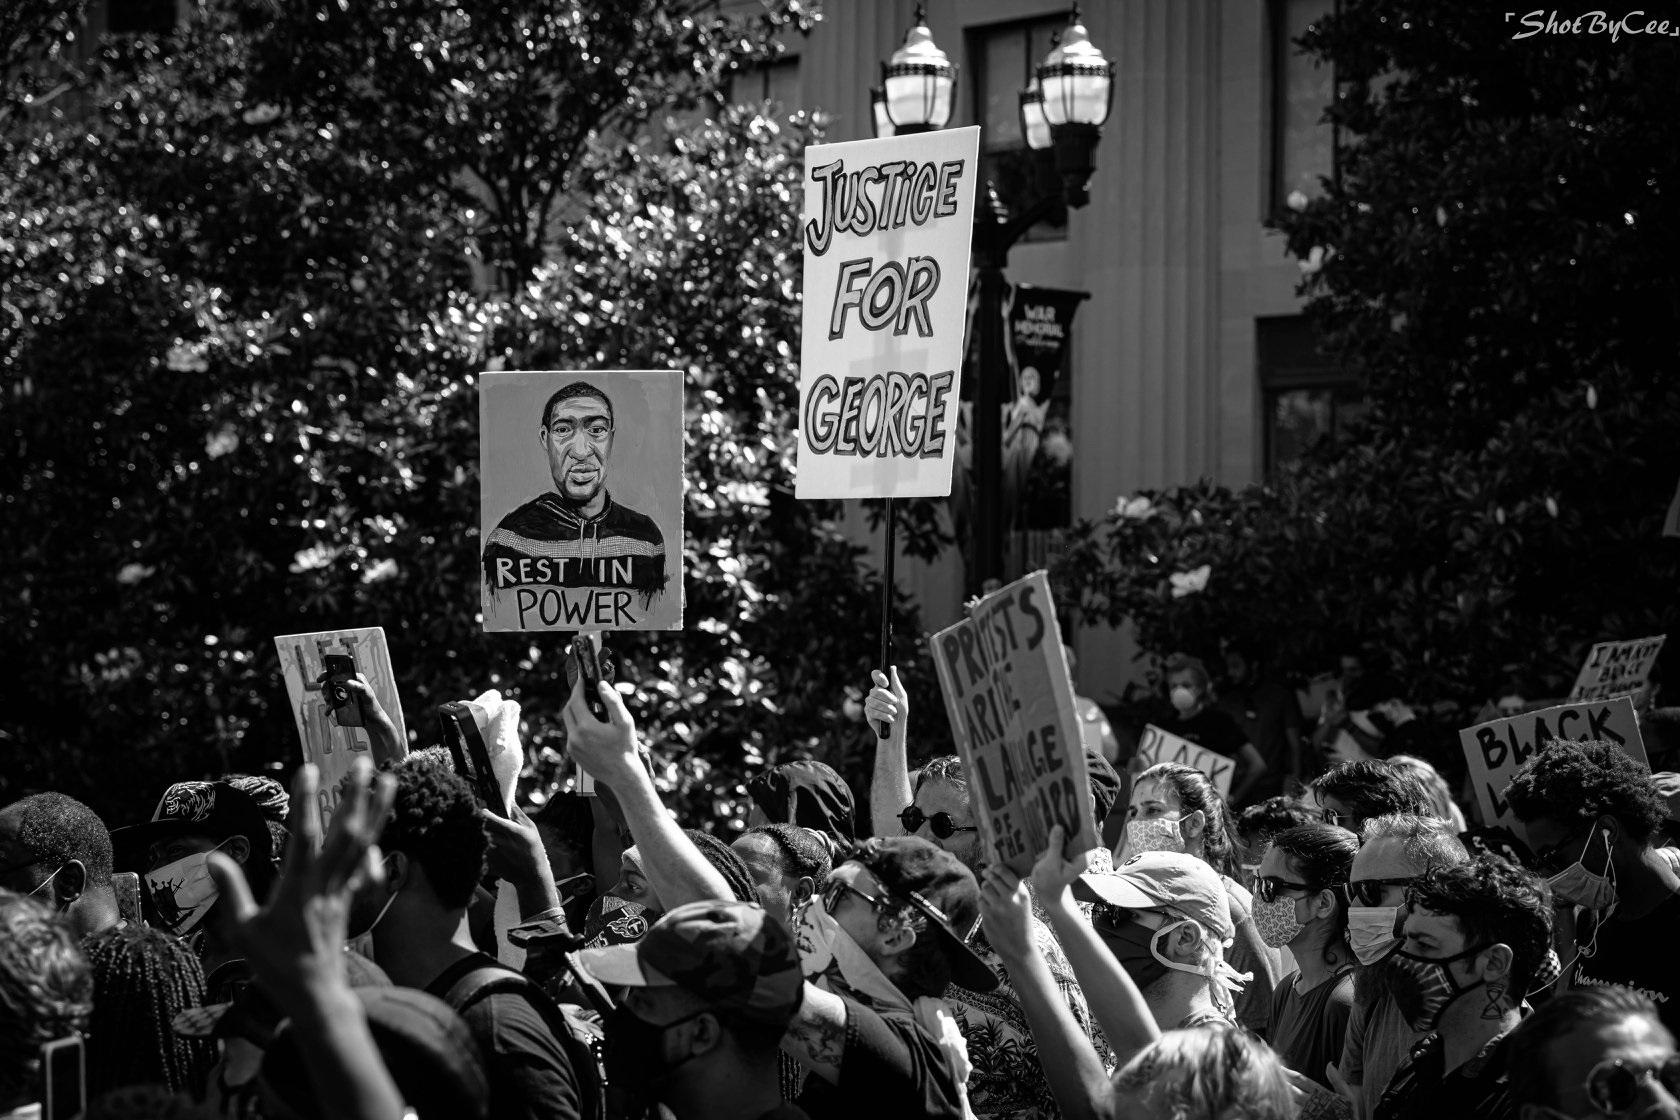 Des manifestants défilent lors du rassemblement « Je vais respirer » le 4 juin 2020, au Legislative Plaza à Nashville, Tennessee. Des milliers de personnes ont assisté au rassemblement en soutien à George Floyd, tué à Minneapolis par un policier. Photo par Chanitra Dreher Photography.